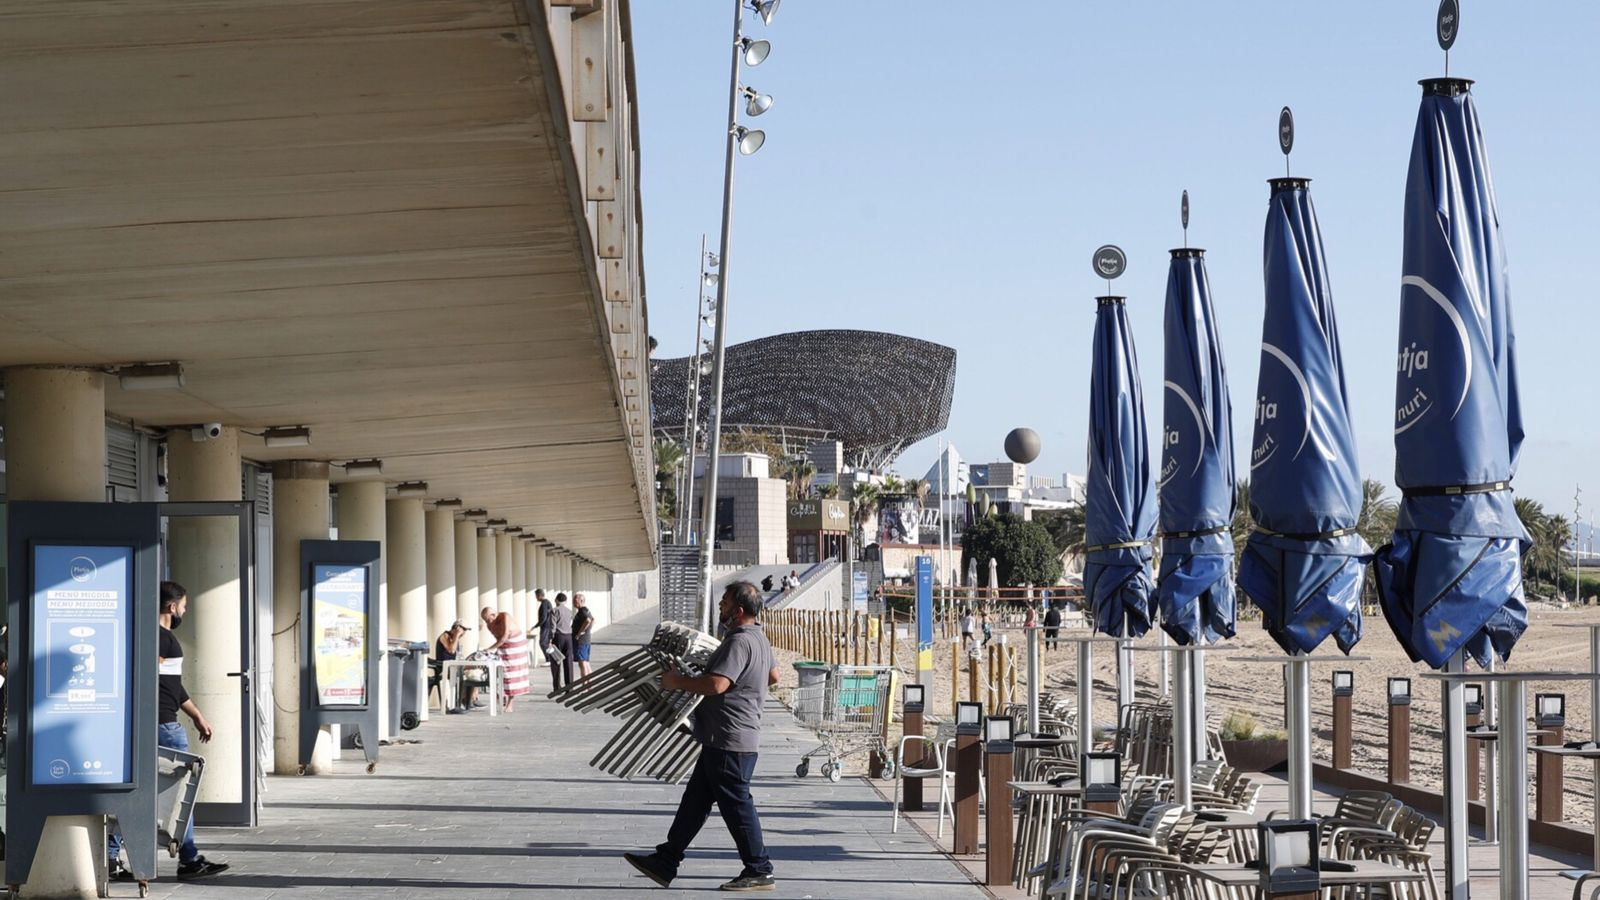 Treballadors desmuntant una terrassa a la platja de la Barceloneta